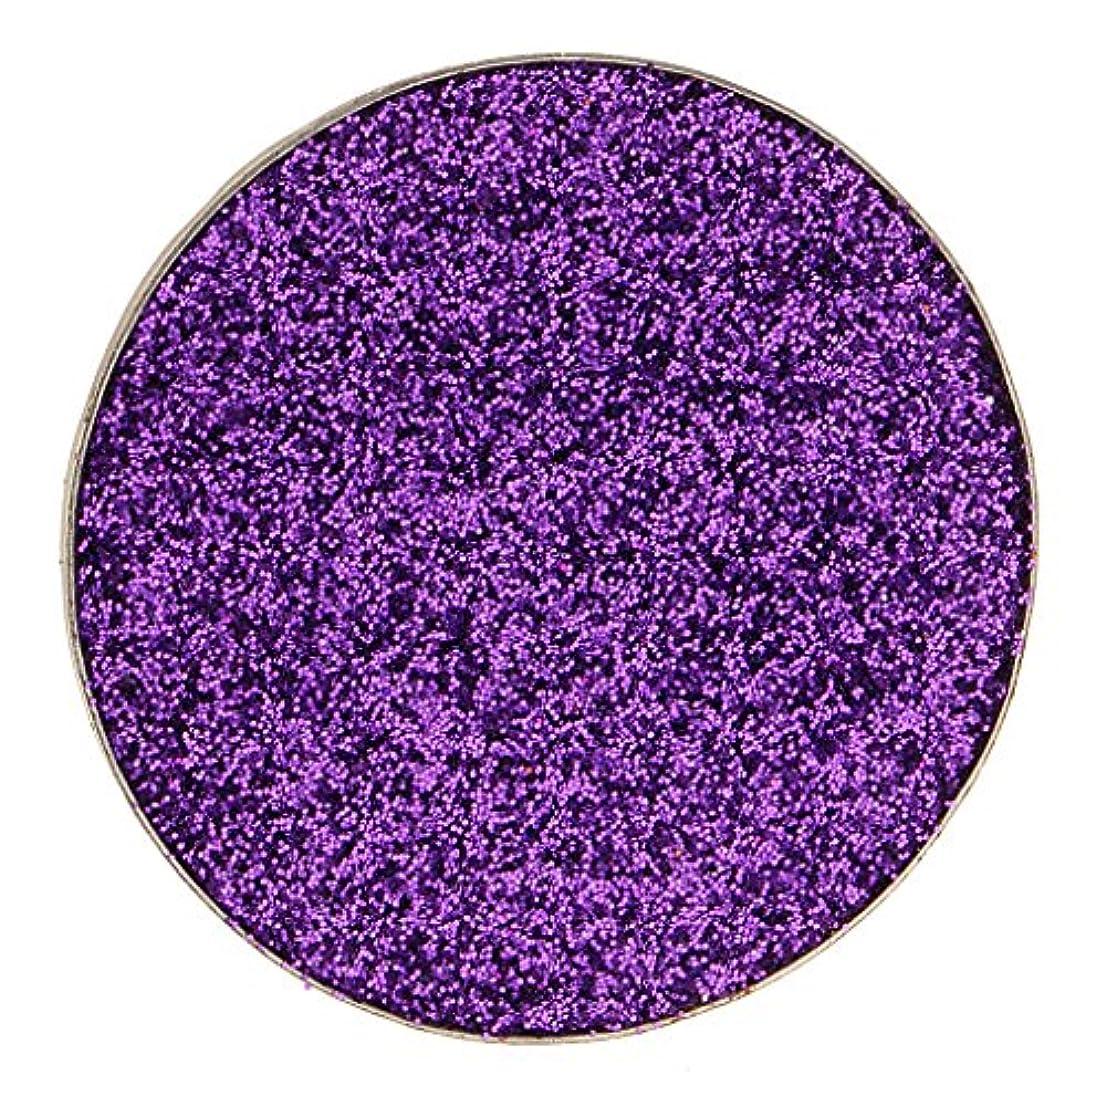 誇張プラグどうしたのダイヤモンド キラキラ シマー メイクアップ アイシャドウ 顔料 長持ち 滑らか 全5色 - 紫